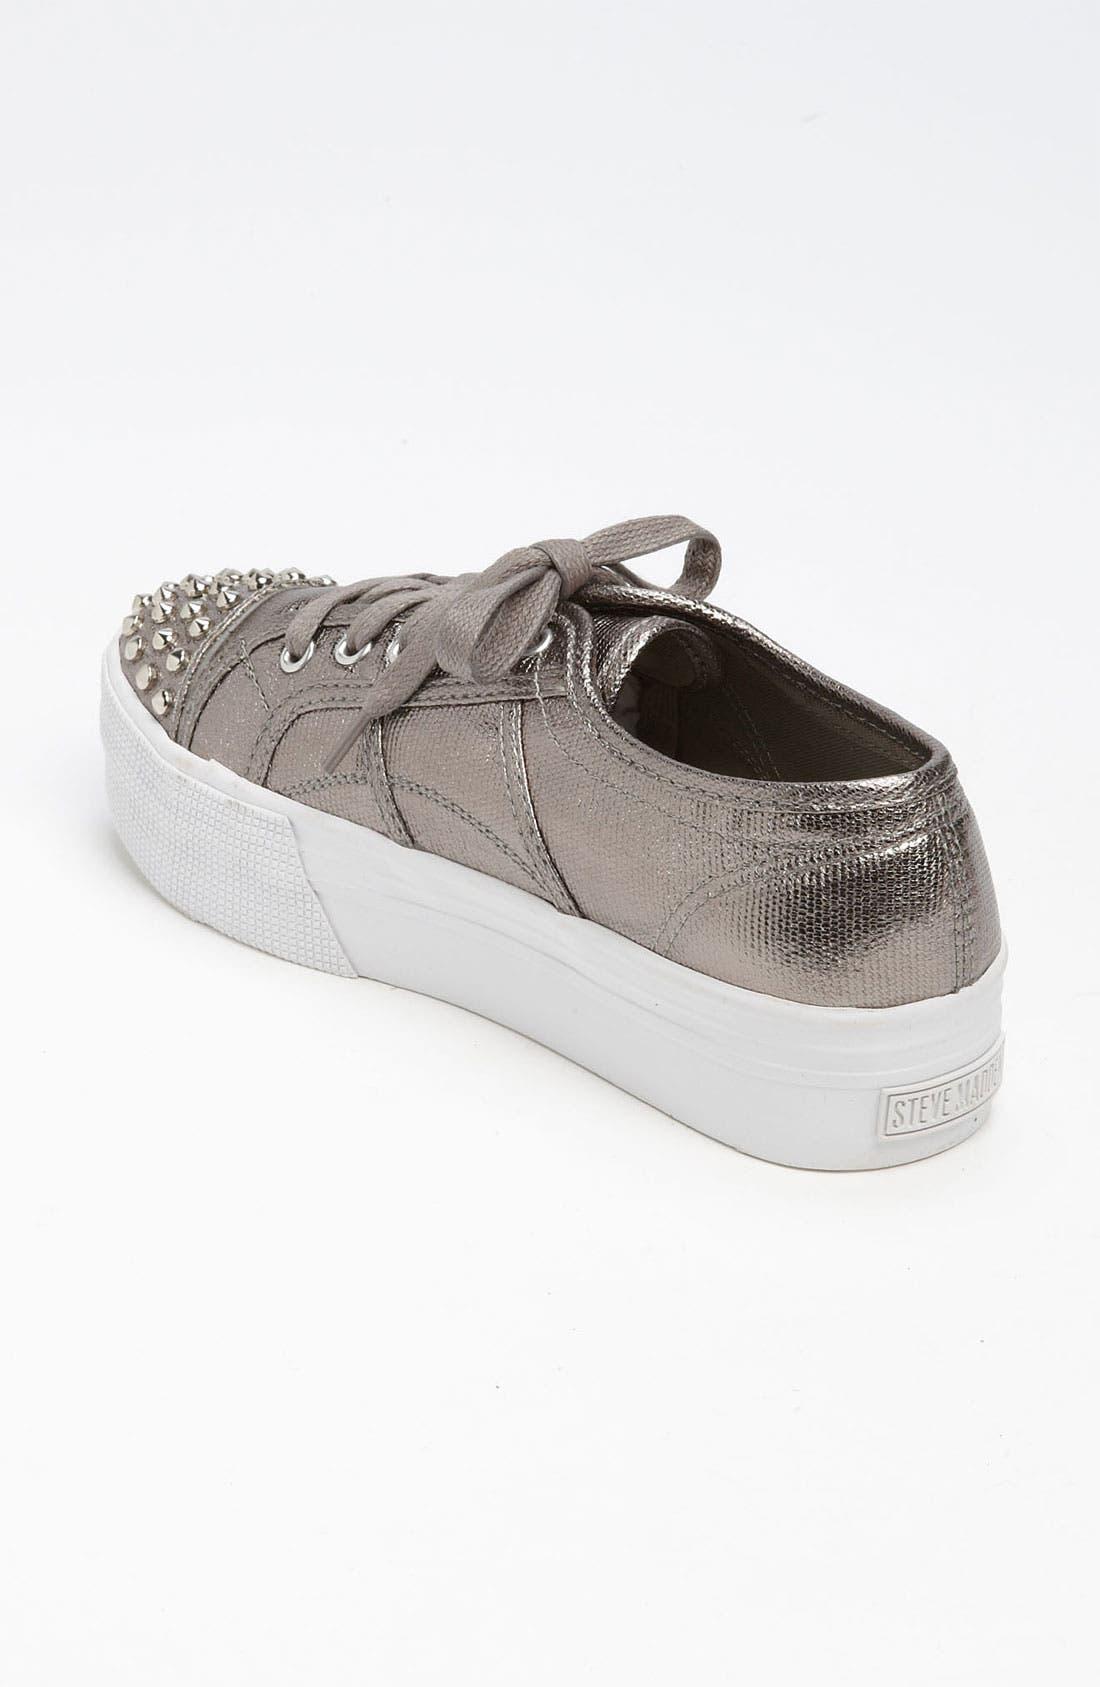 Alternate Image 2  - Steve Madden 'Braady-S' Platform Sneaker